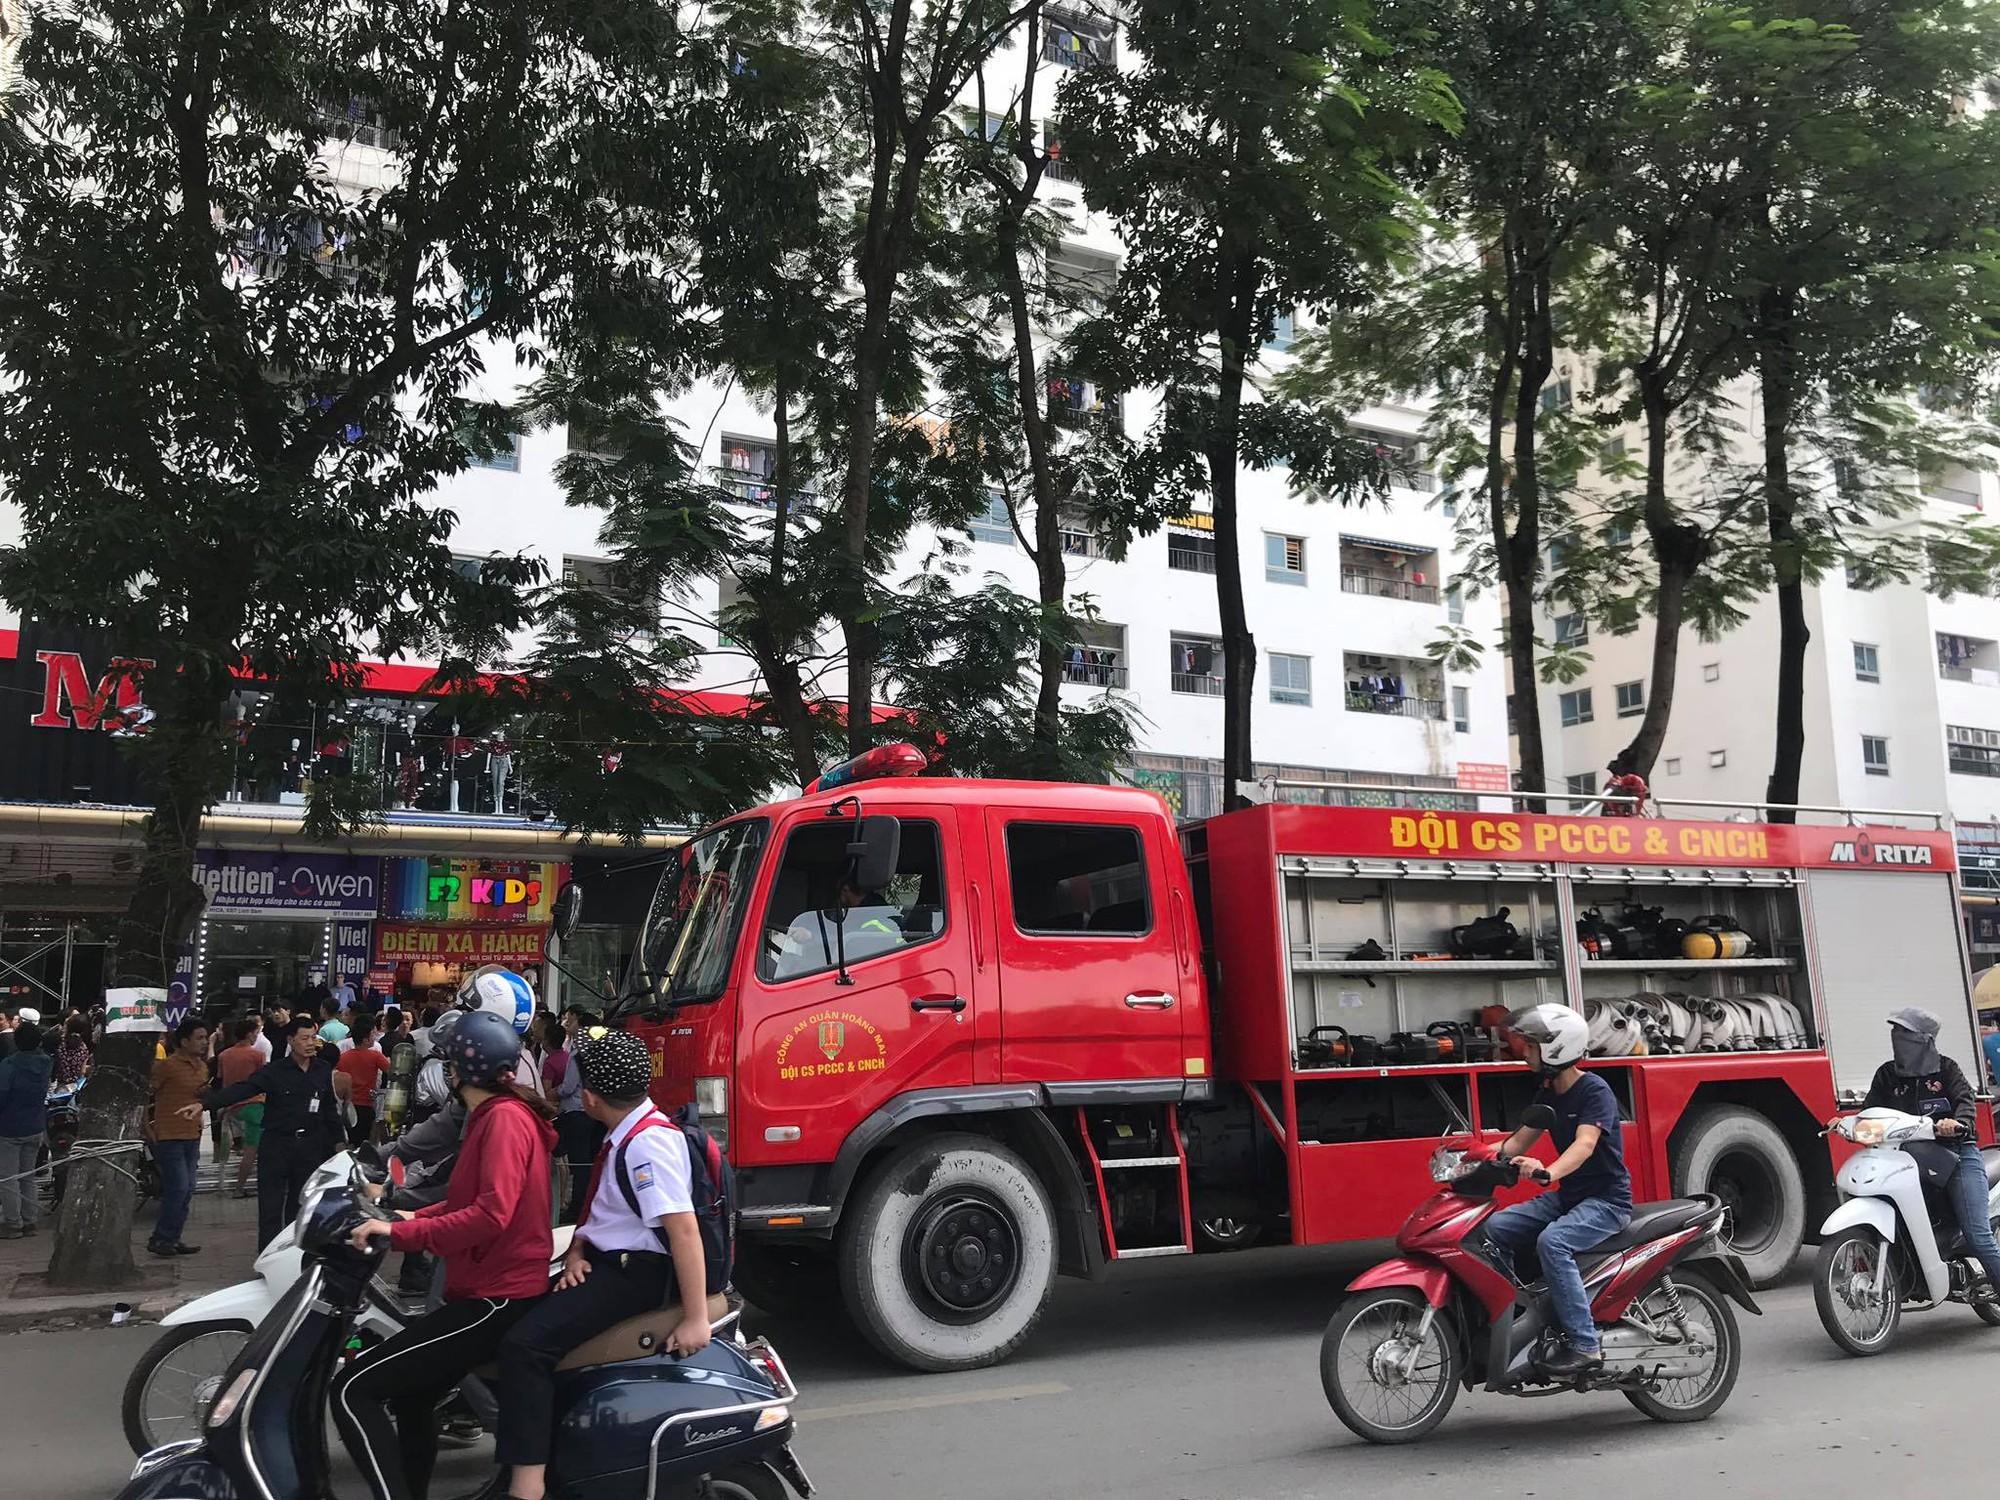 Cháy ở Linh Đàm: Thông tin mới nhất vụ cháy tầng 31 chung cư Linh Đàm - Ảnh 3